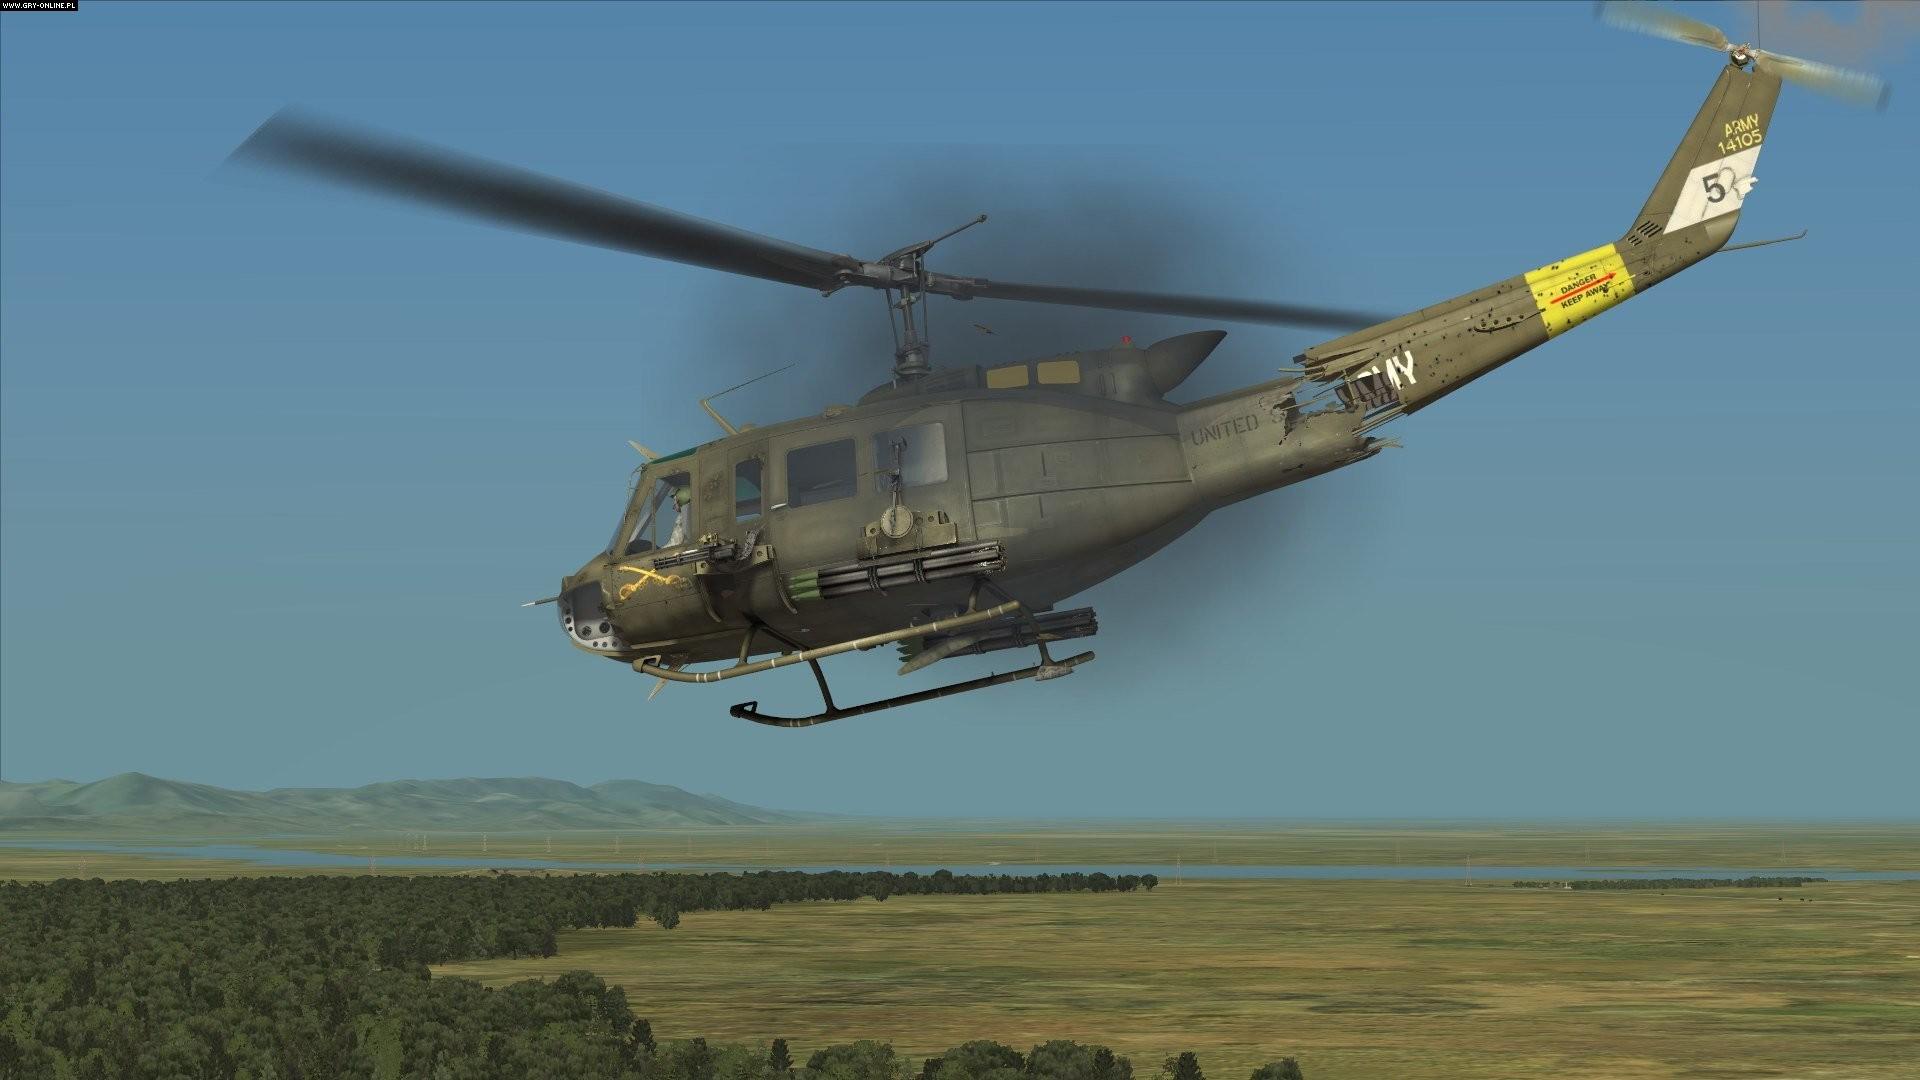 Res: 1920x1080, Digital Combat Simulator: UH-1H Huey PC Games Image 9/13, Belsimtek